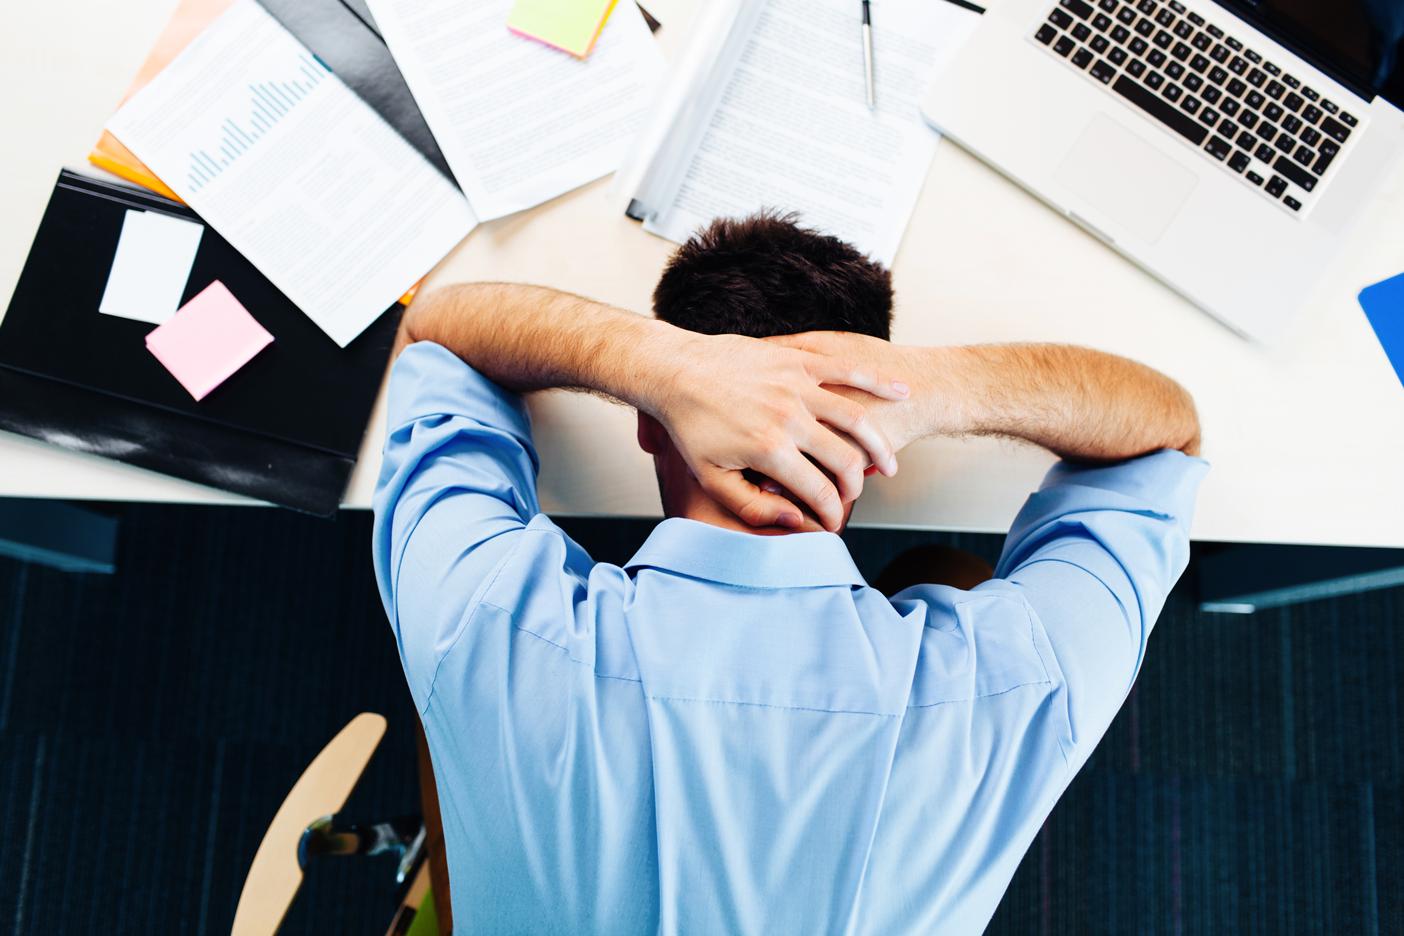 Как быстро справиться со стрессом. Простые советы психолога